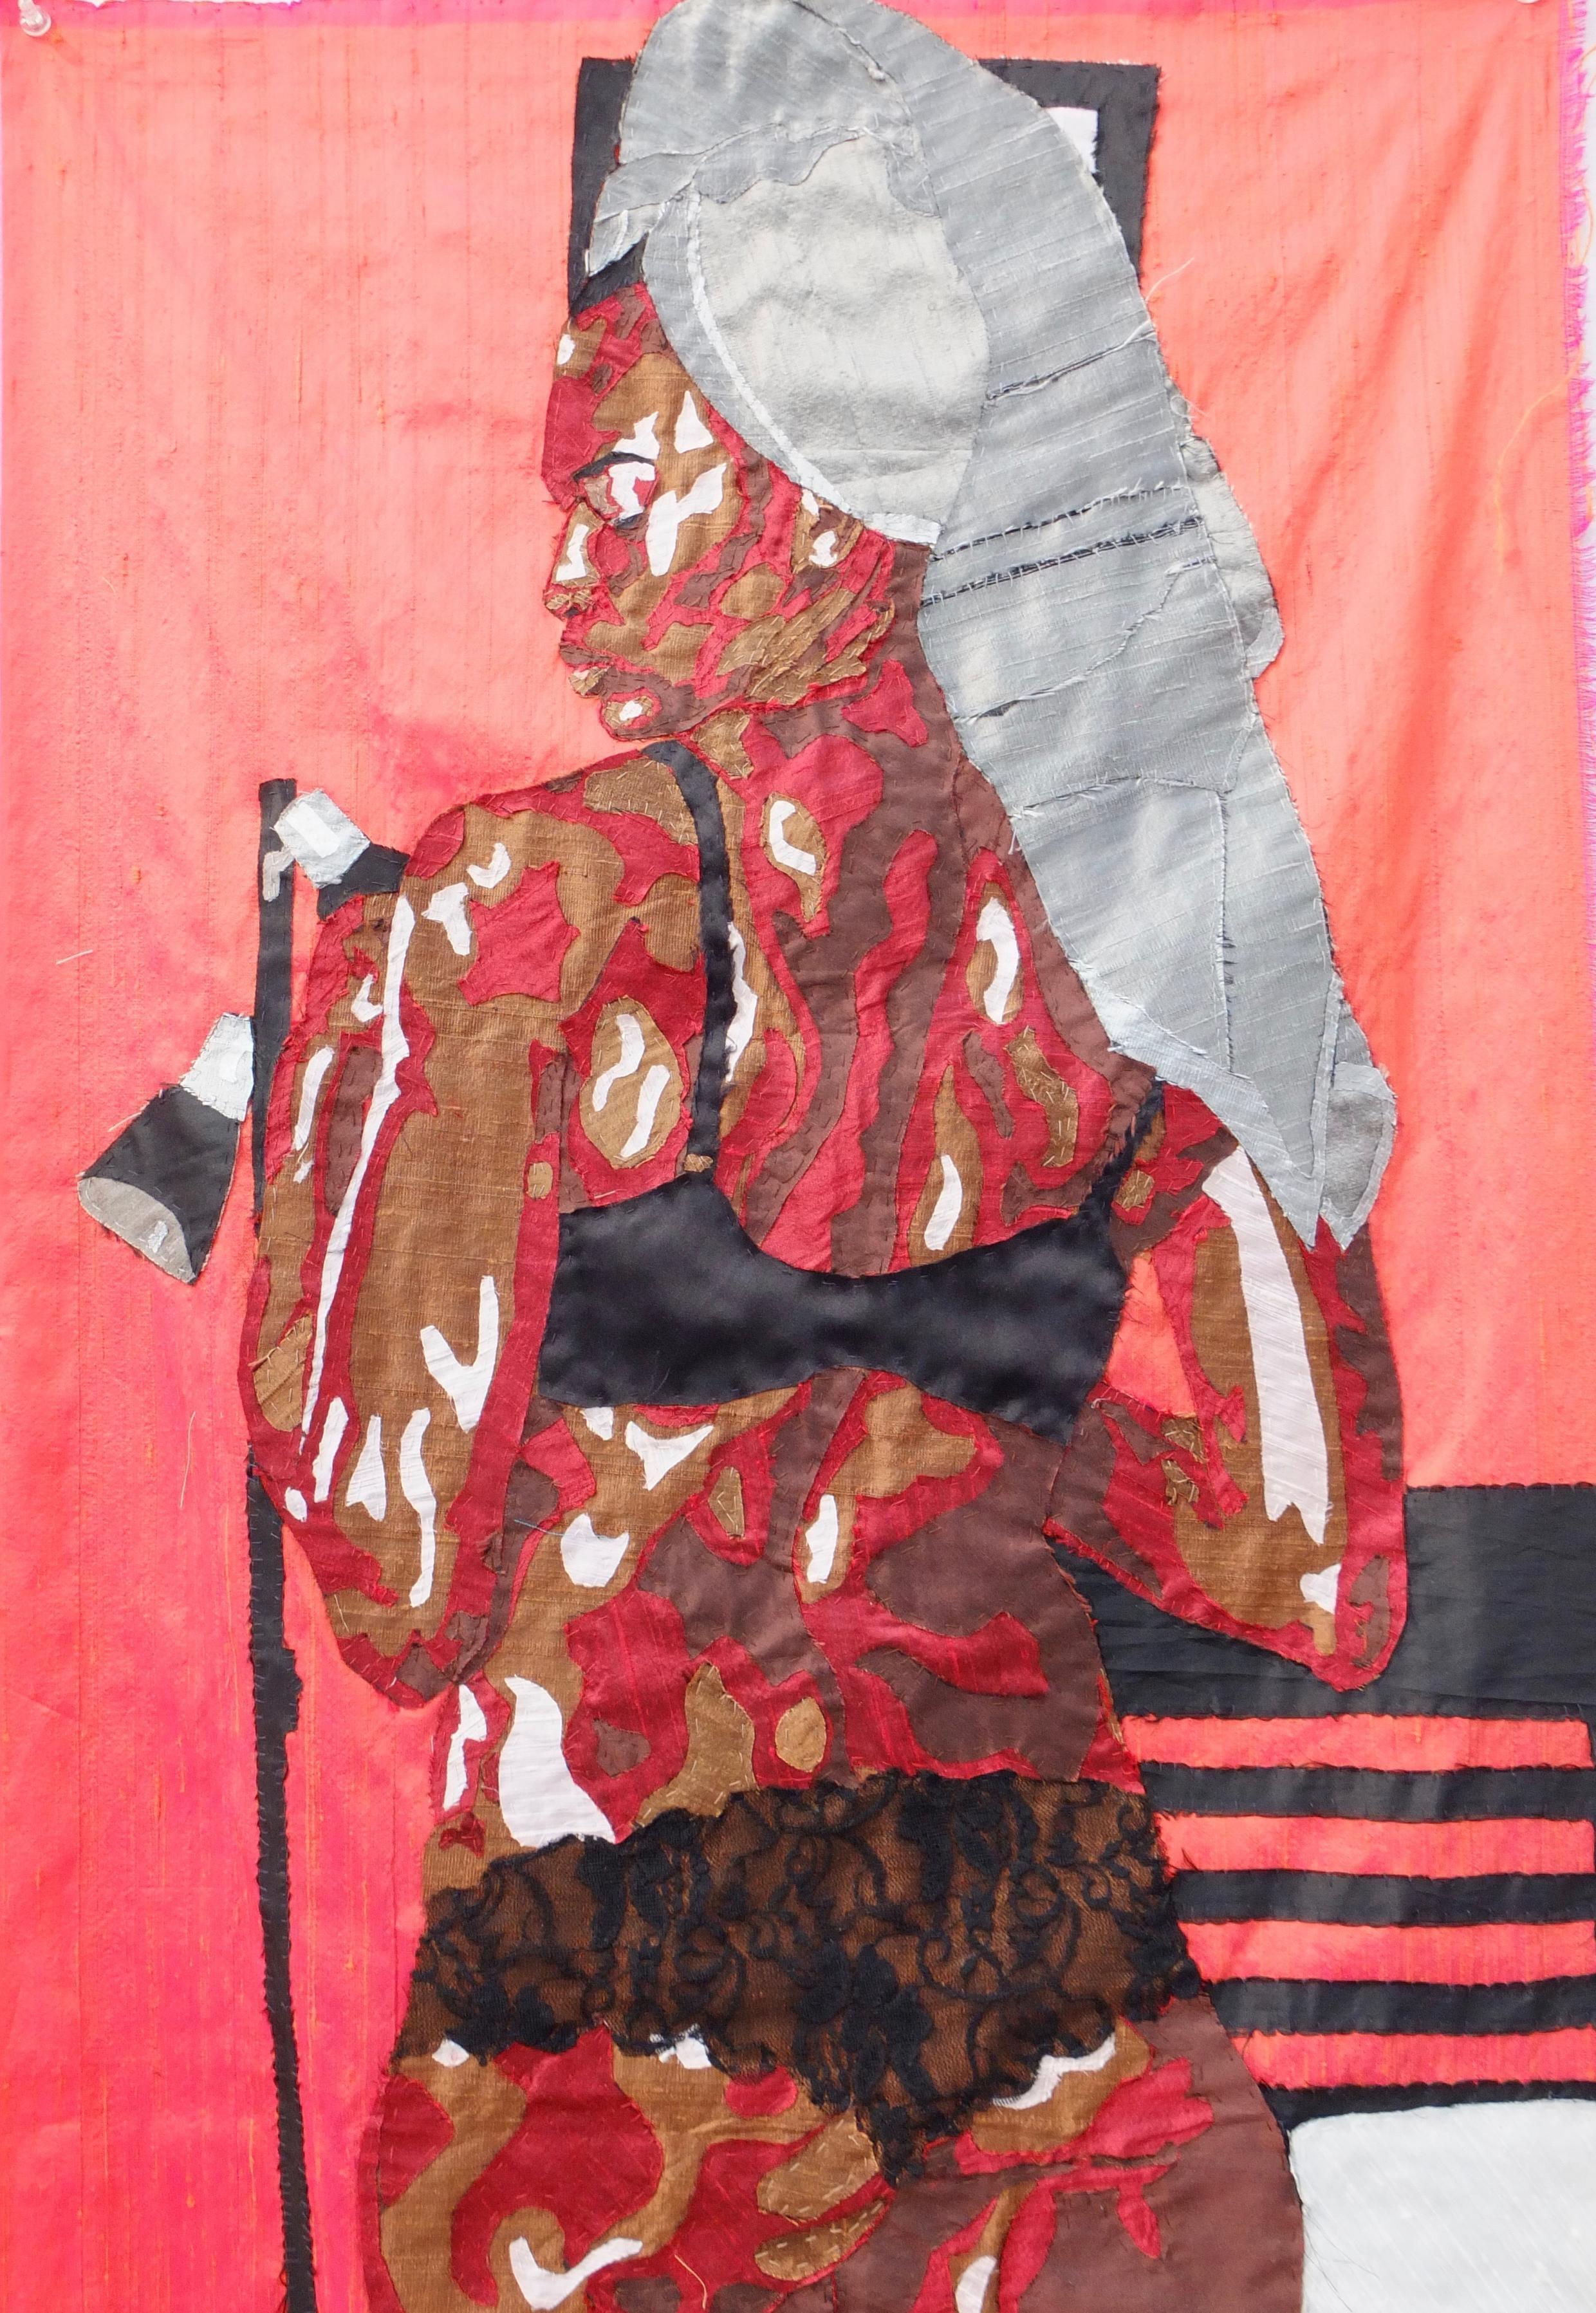 Autoportrait en soie de Billie Zangewa présenté par la galerie Afronova (Johannesburg) à Paris Art Fair en 2017.